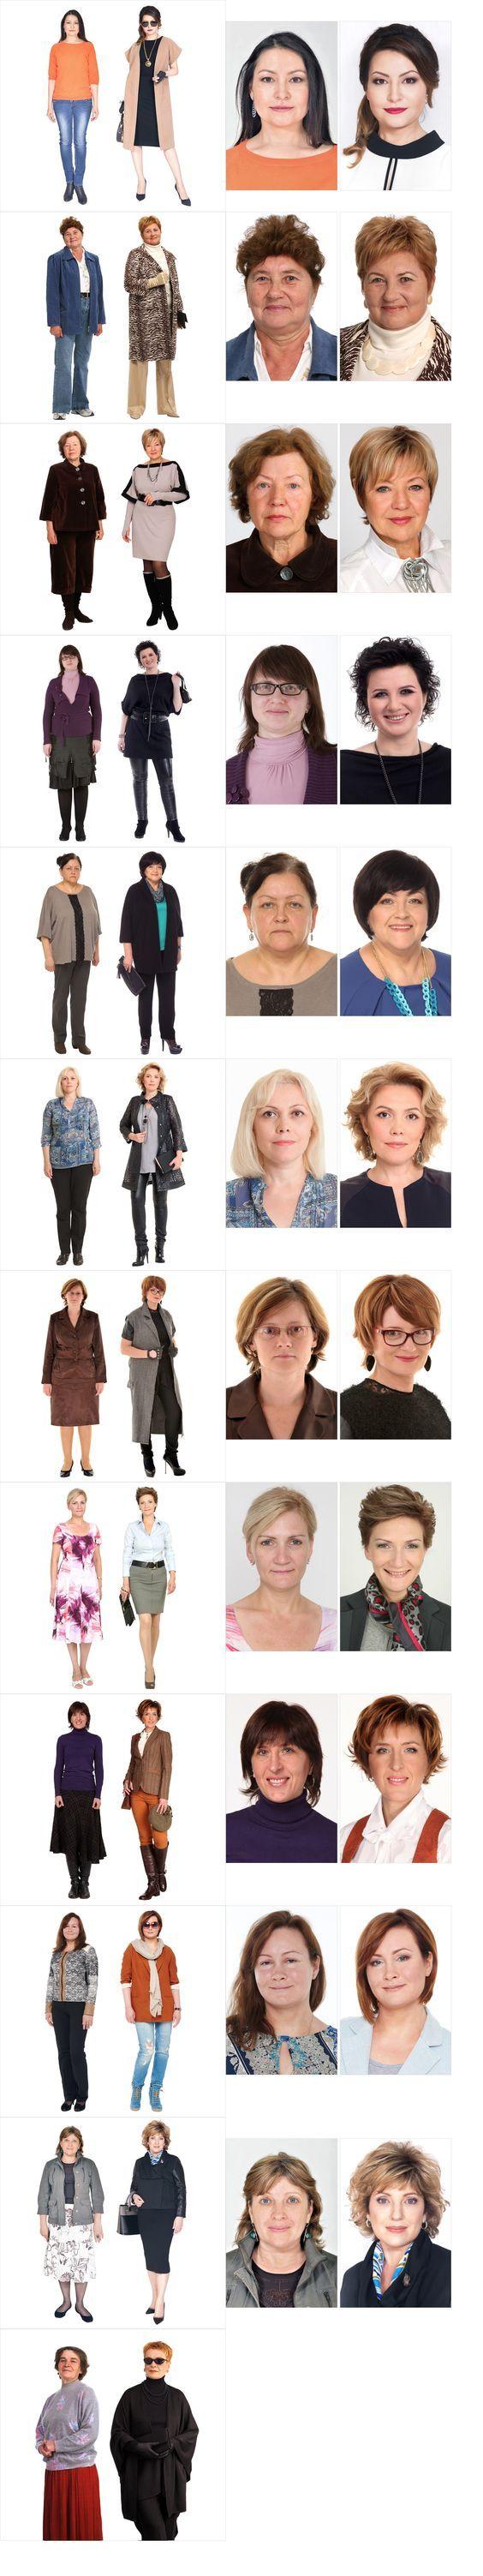 conseils pour s habiller personnalite